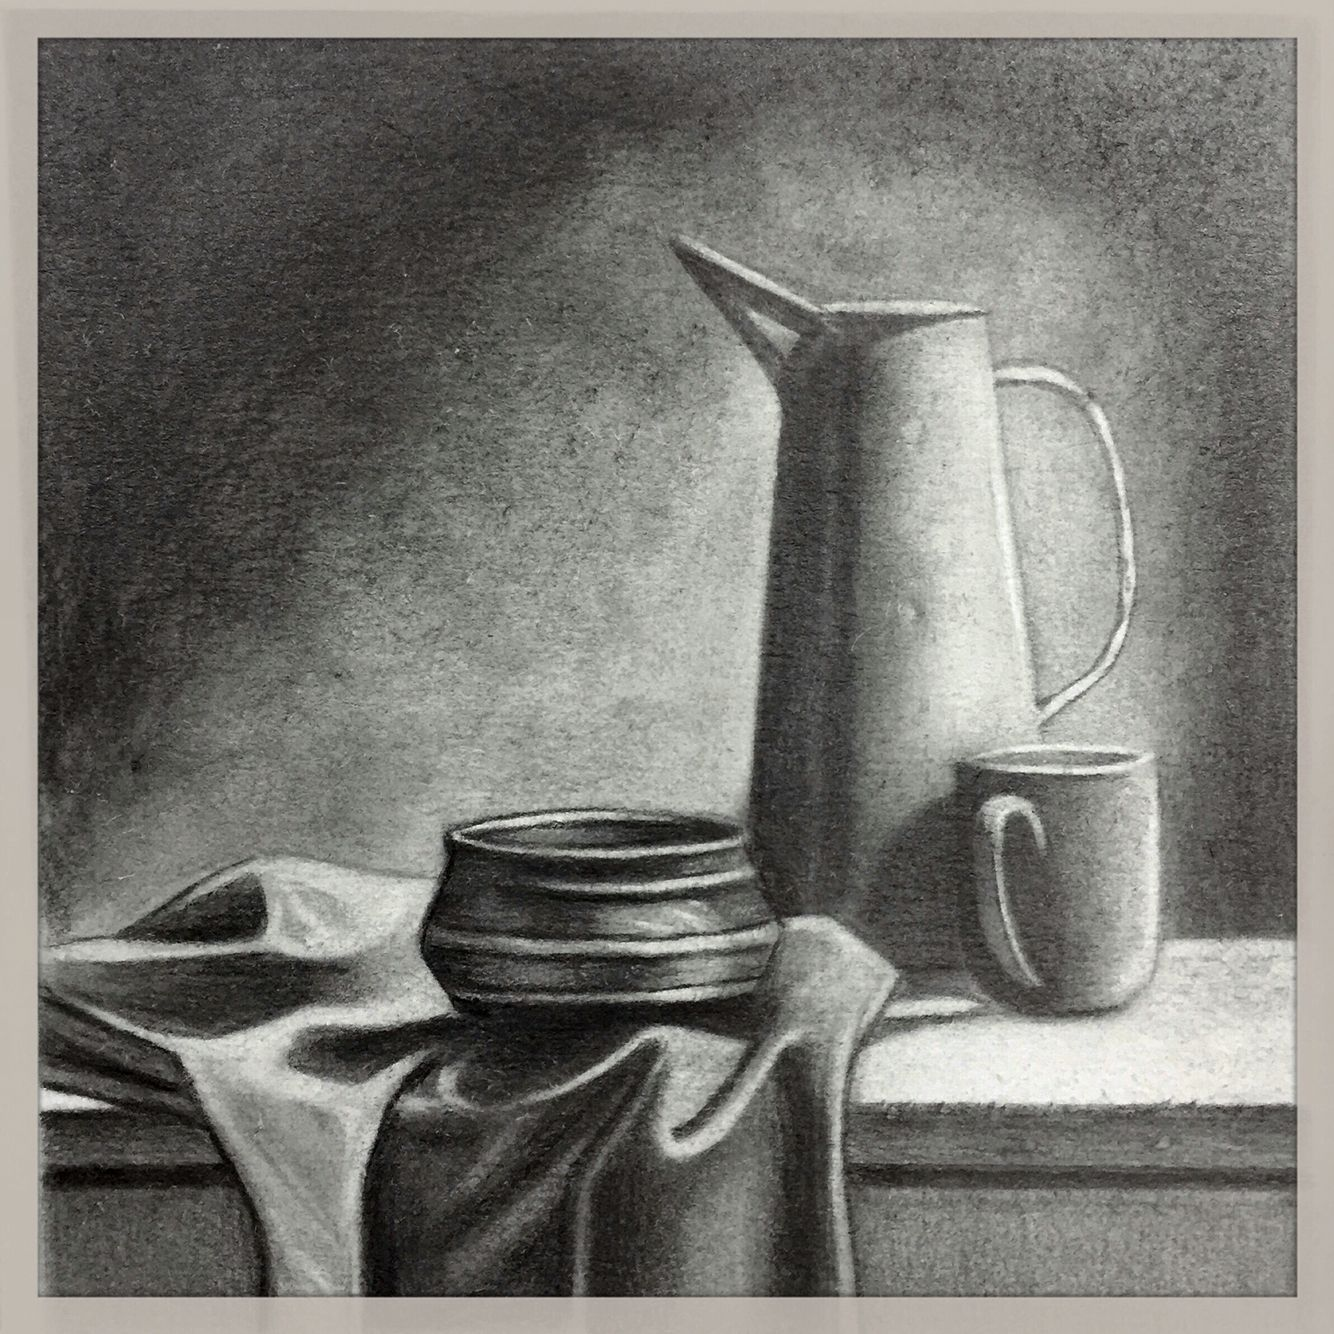 Natureza morta - textura | рисунок | Pencil drawings, Pencil